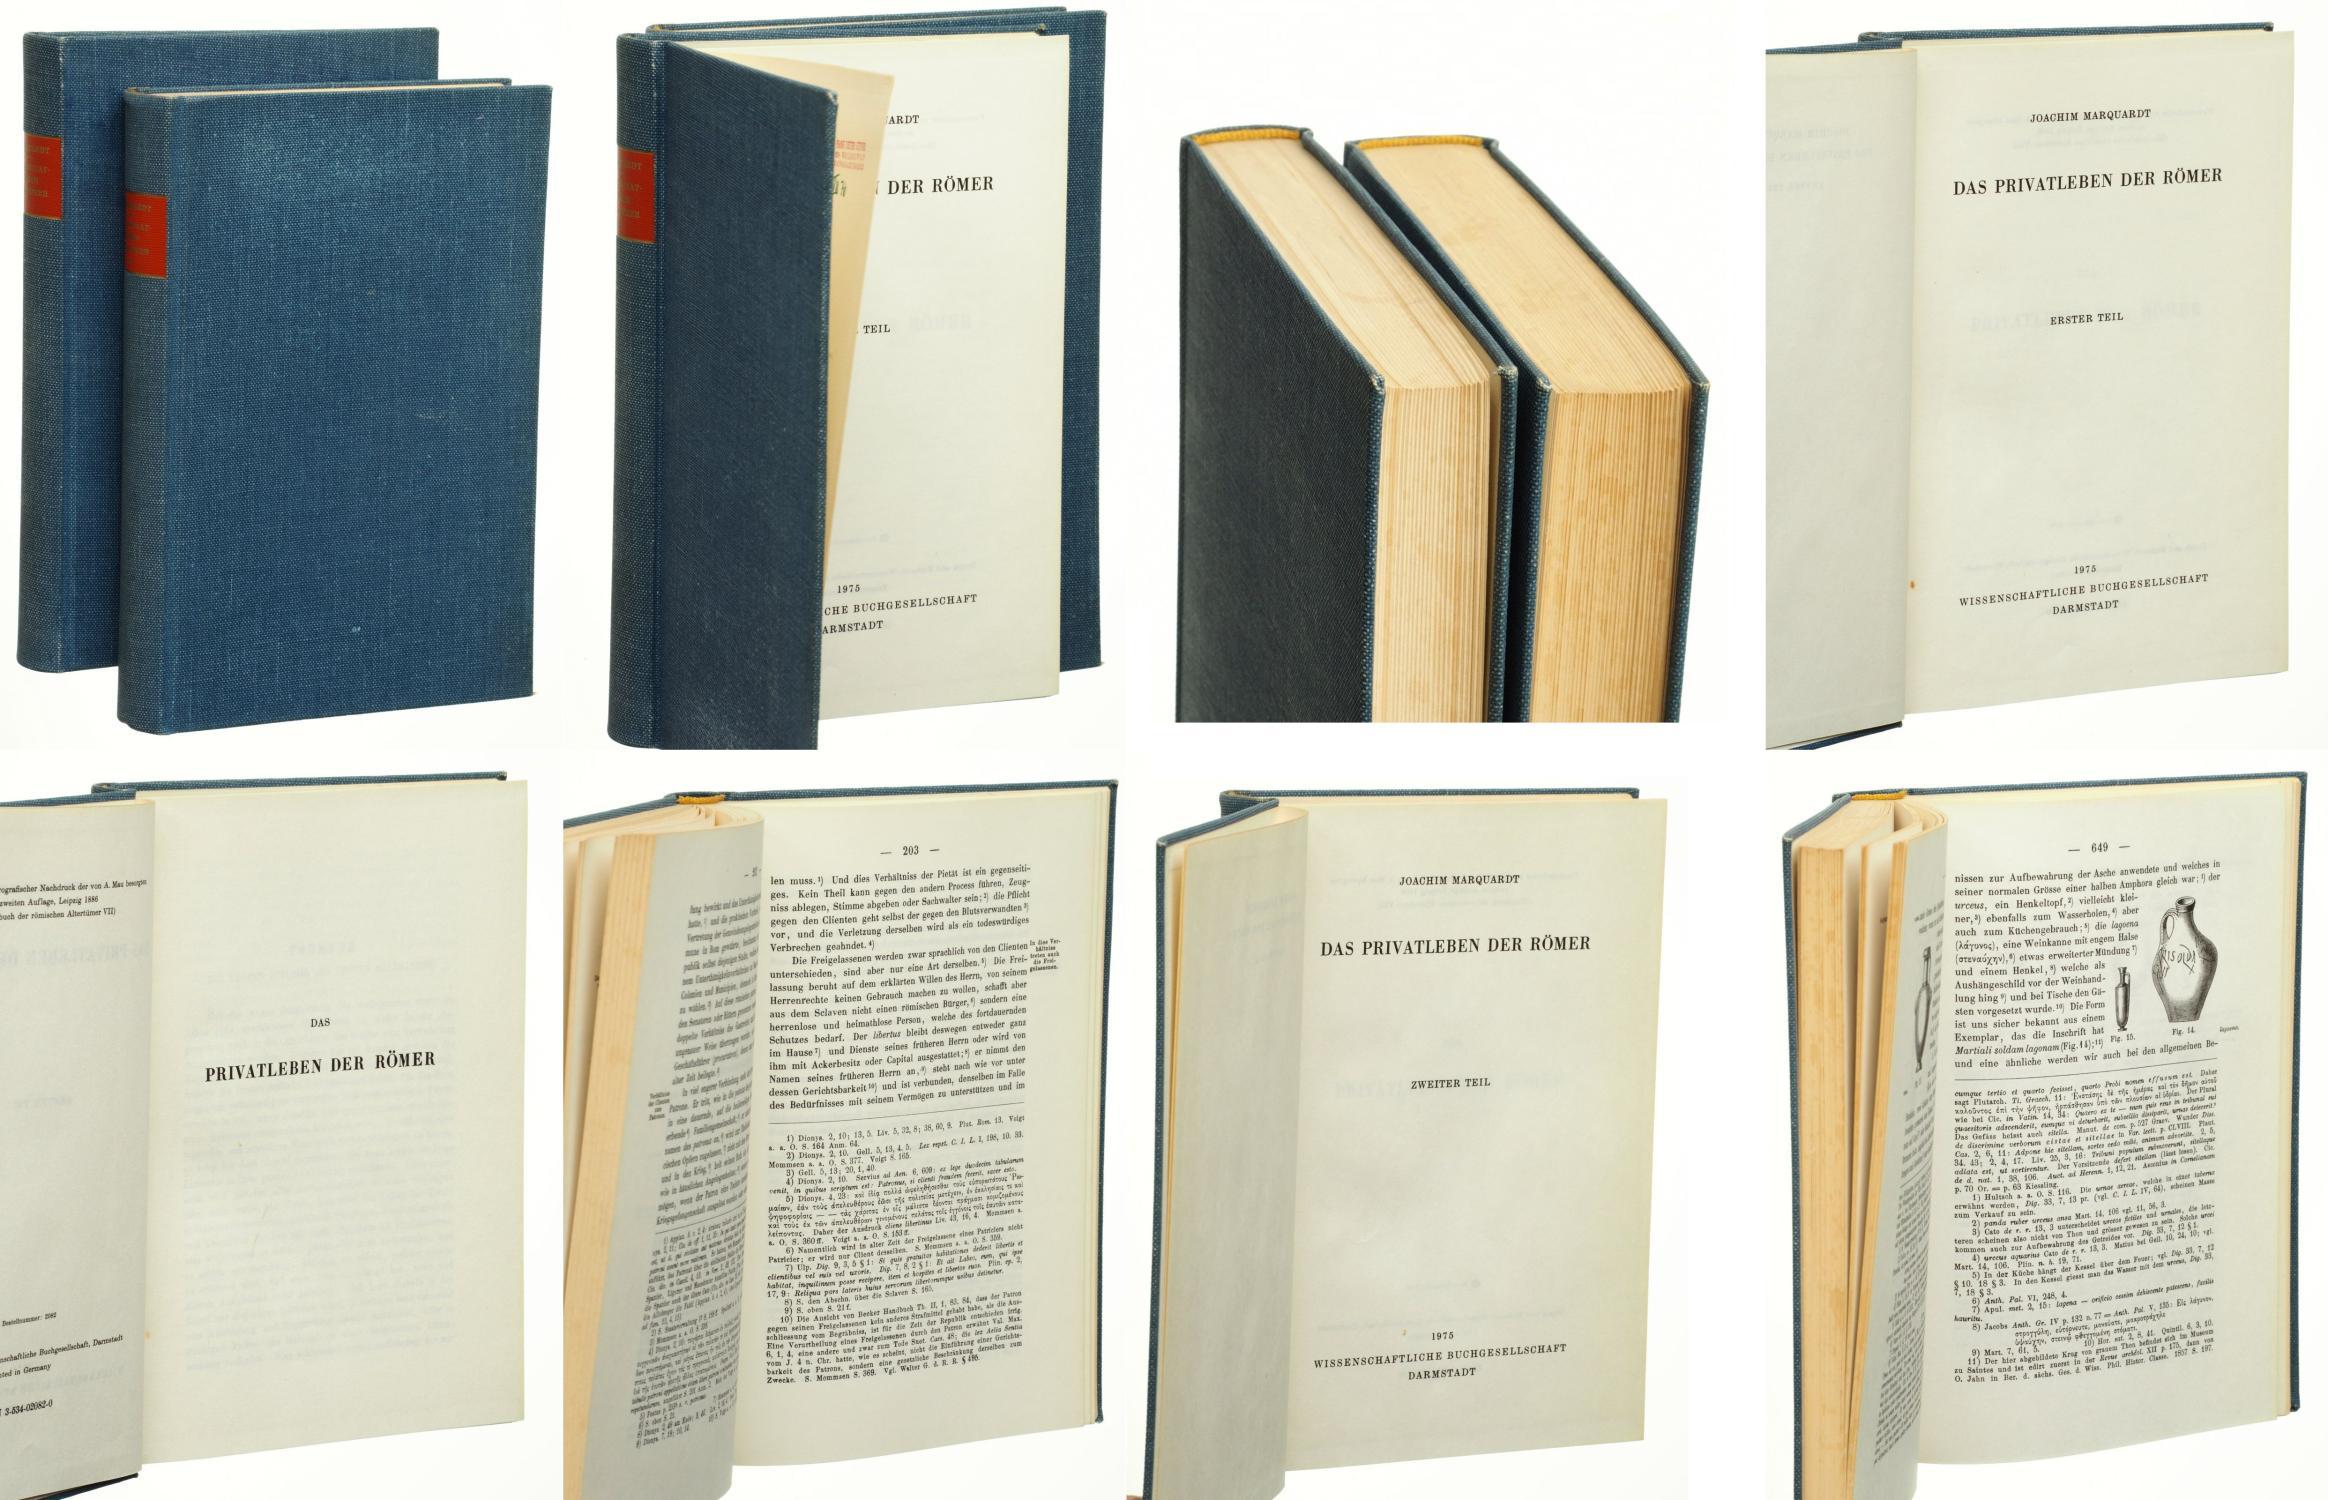 Das Privatleben der Römer. 2 Bände. Unveränd.: Marquardt, Joachim: